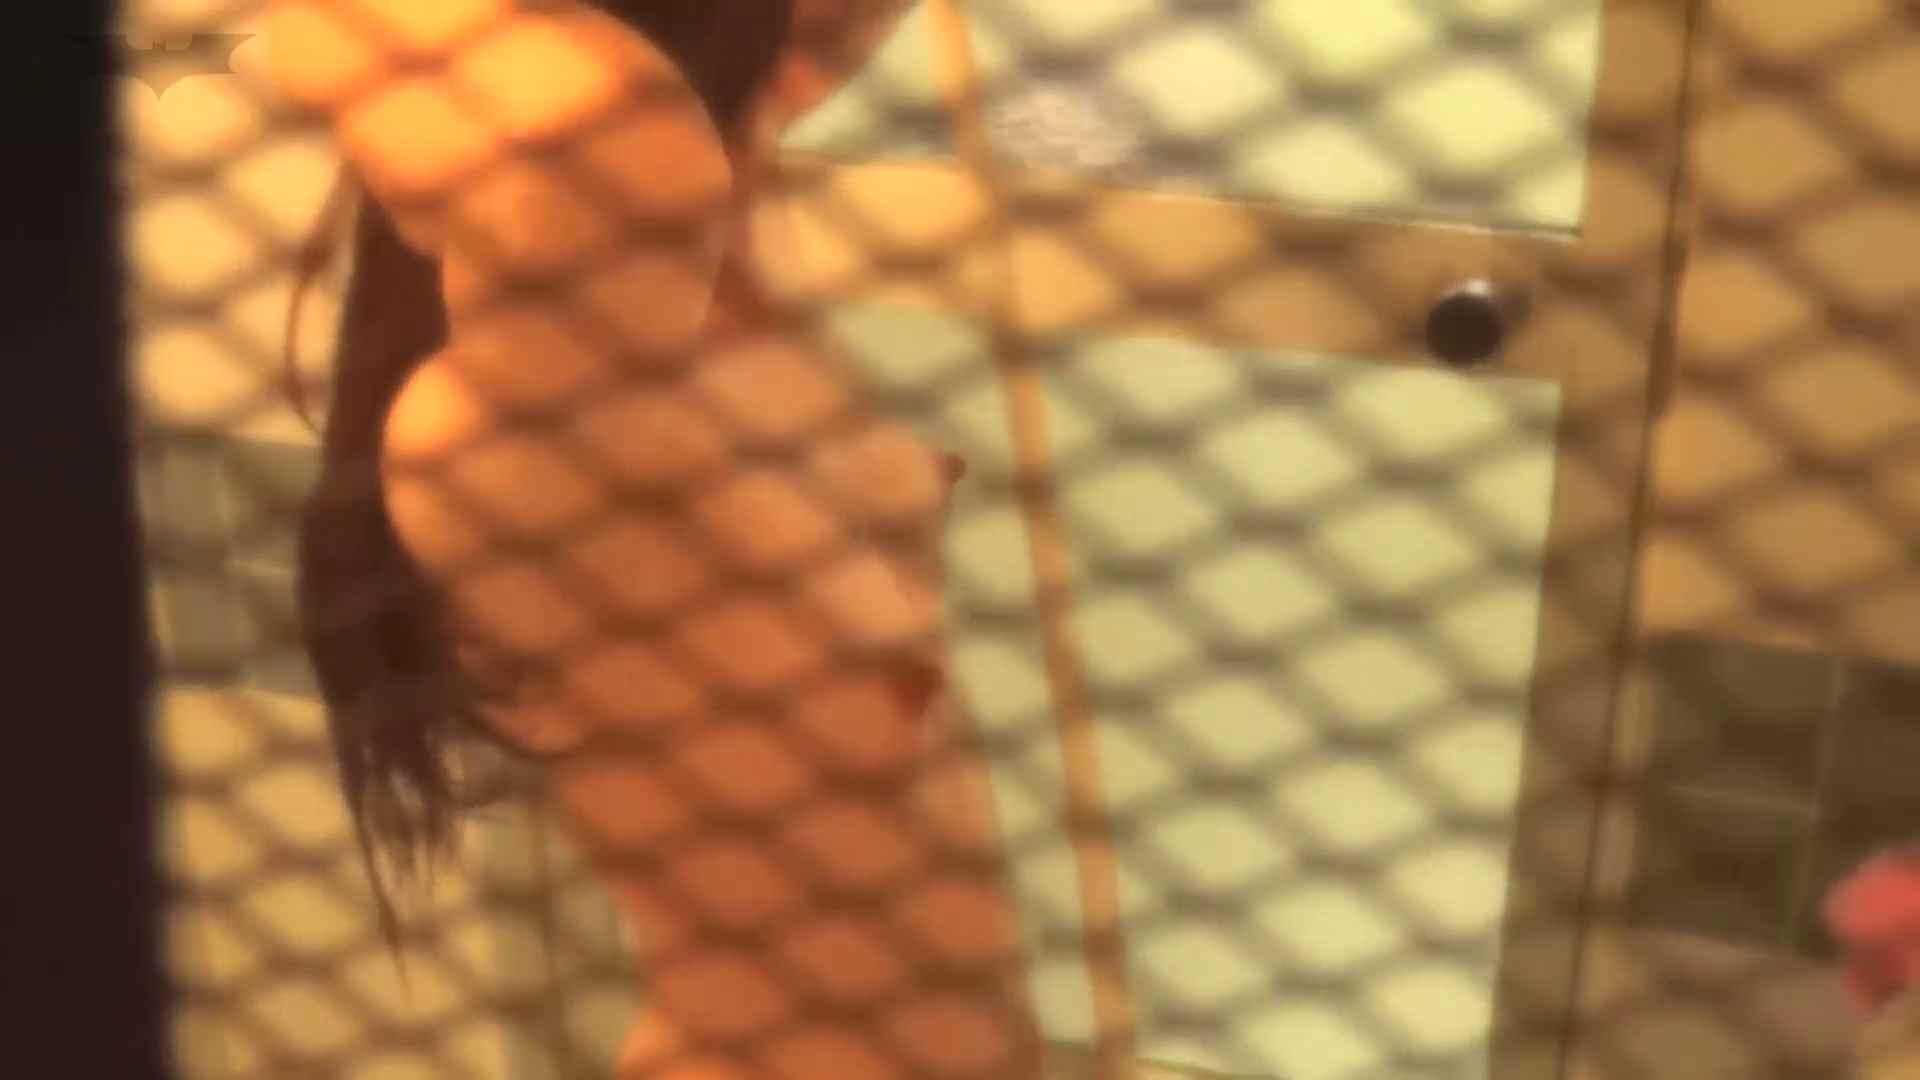 *華の女子寮ノゾキ* vol.01 JDデビューした音楽専攻のコ 女子大生達のヌード | 女子寮潜入  50連発 41